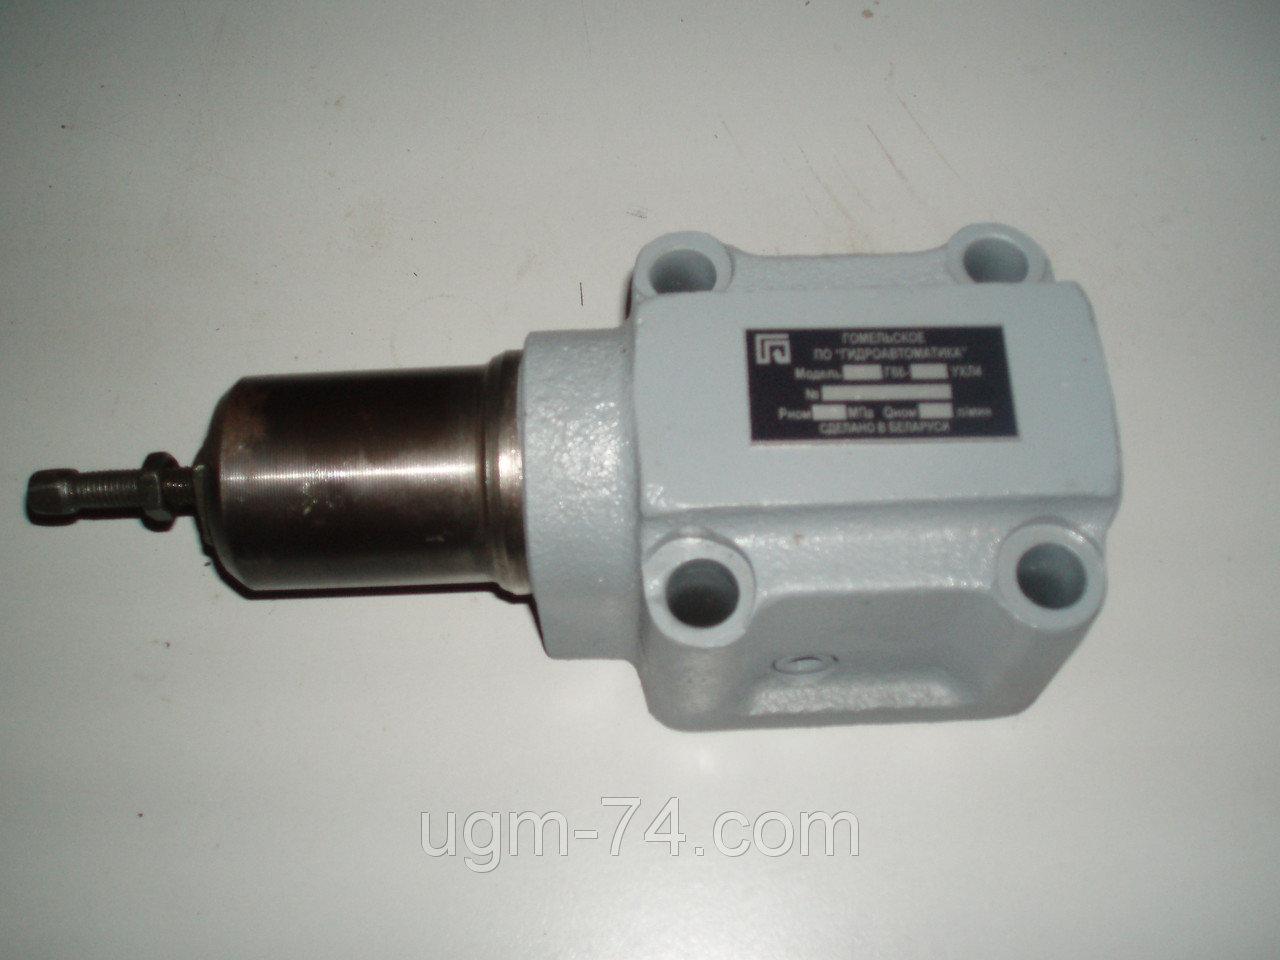 Гидроклапан ПАГ54-34М